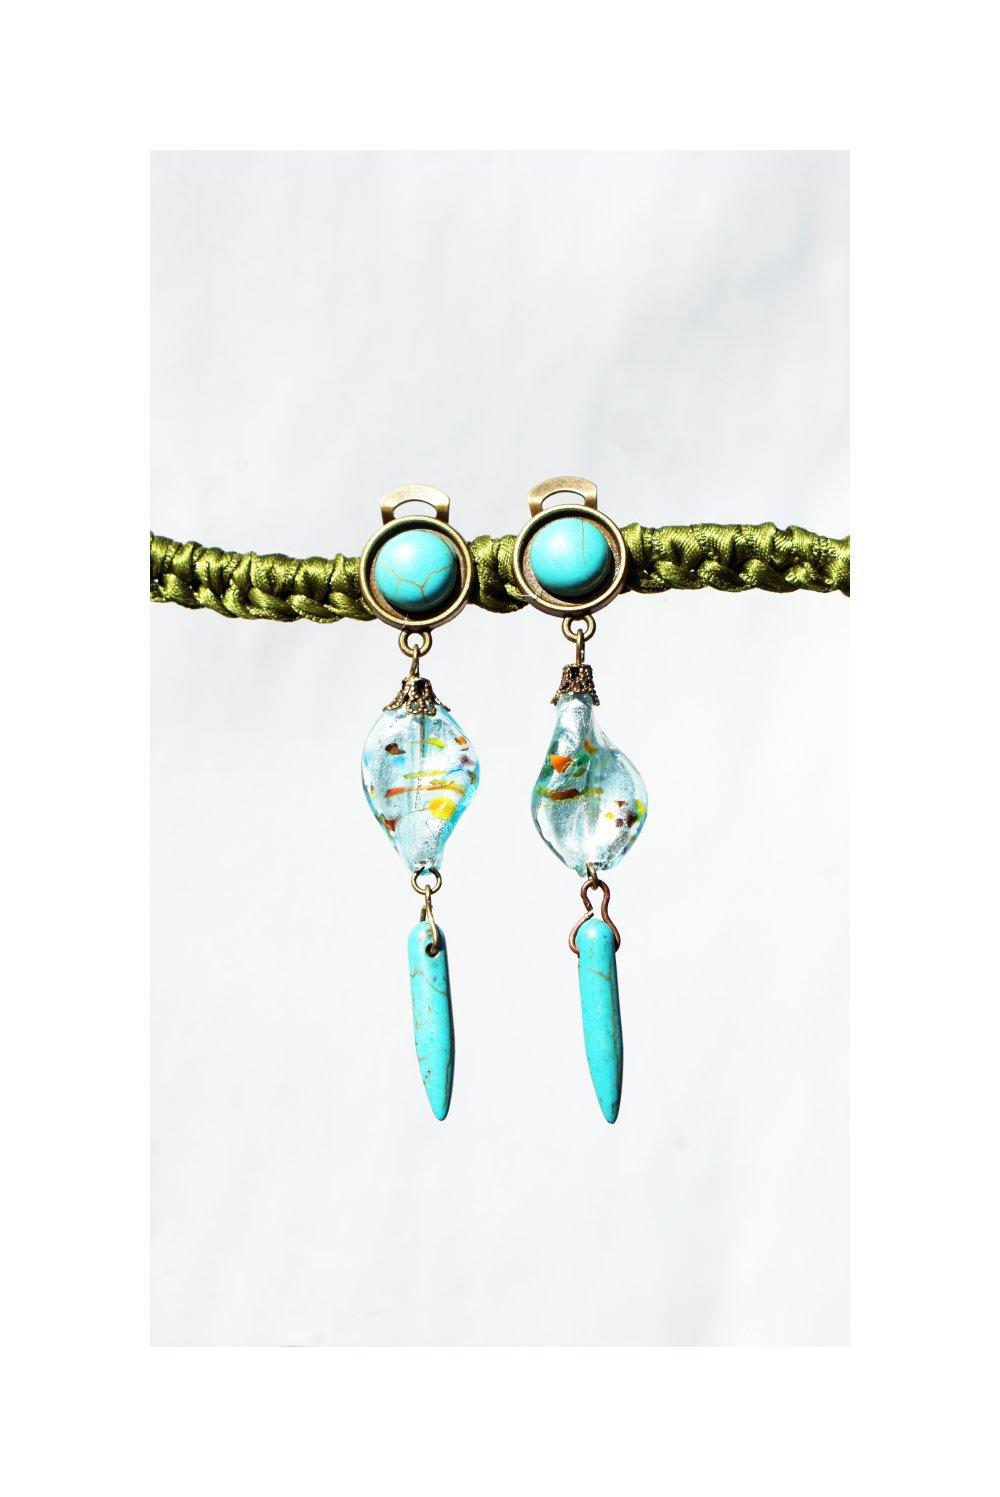 CLIP Boucles d'oreilles clips Bleu turquoise & bronze Cristal Perle Murano Bijoux créateur Création française